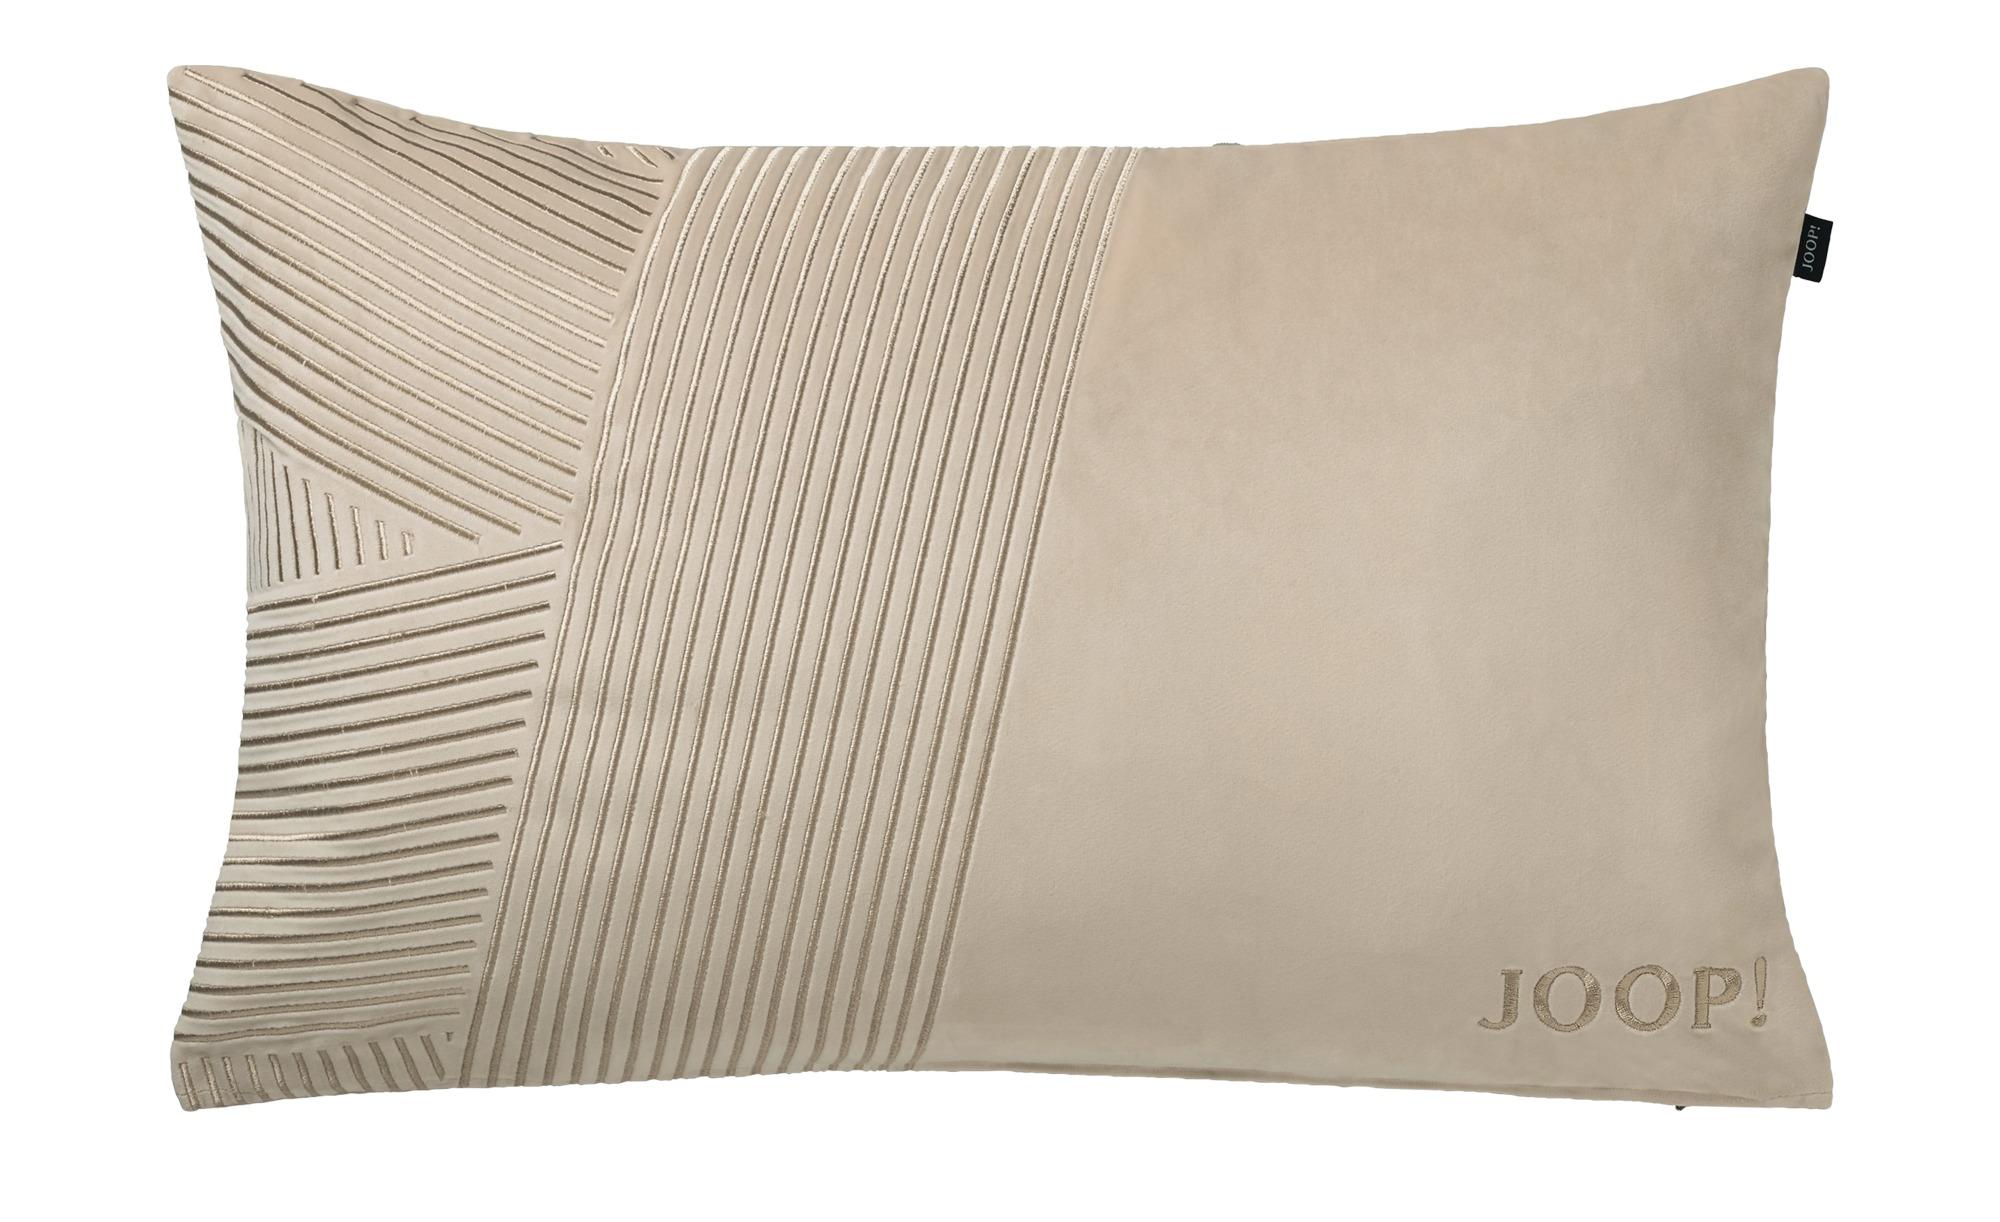 JOOP! Kissen  J-Squared 70432 ¦ beige ¦ Polyester ¦ Maße (cm): B: 38 Heimtextilien > Kissen > Dekokissen - Höffner